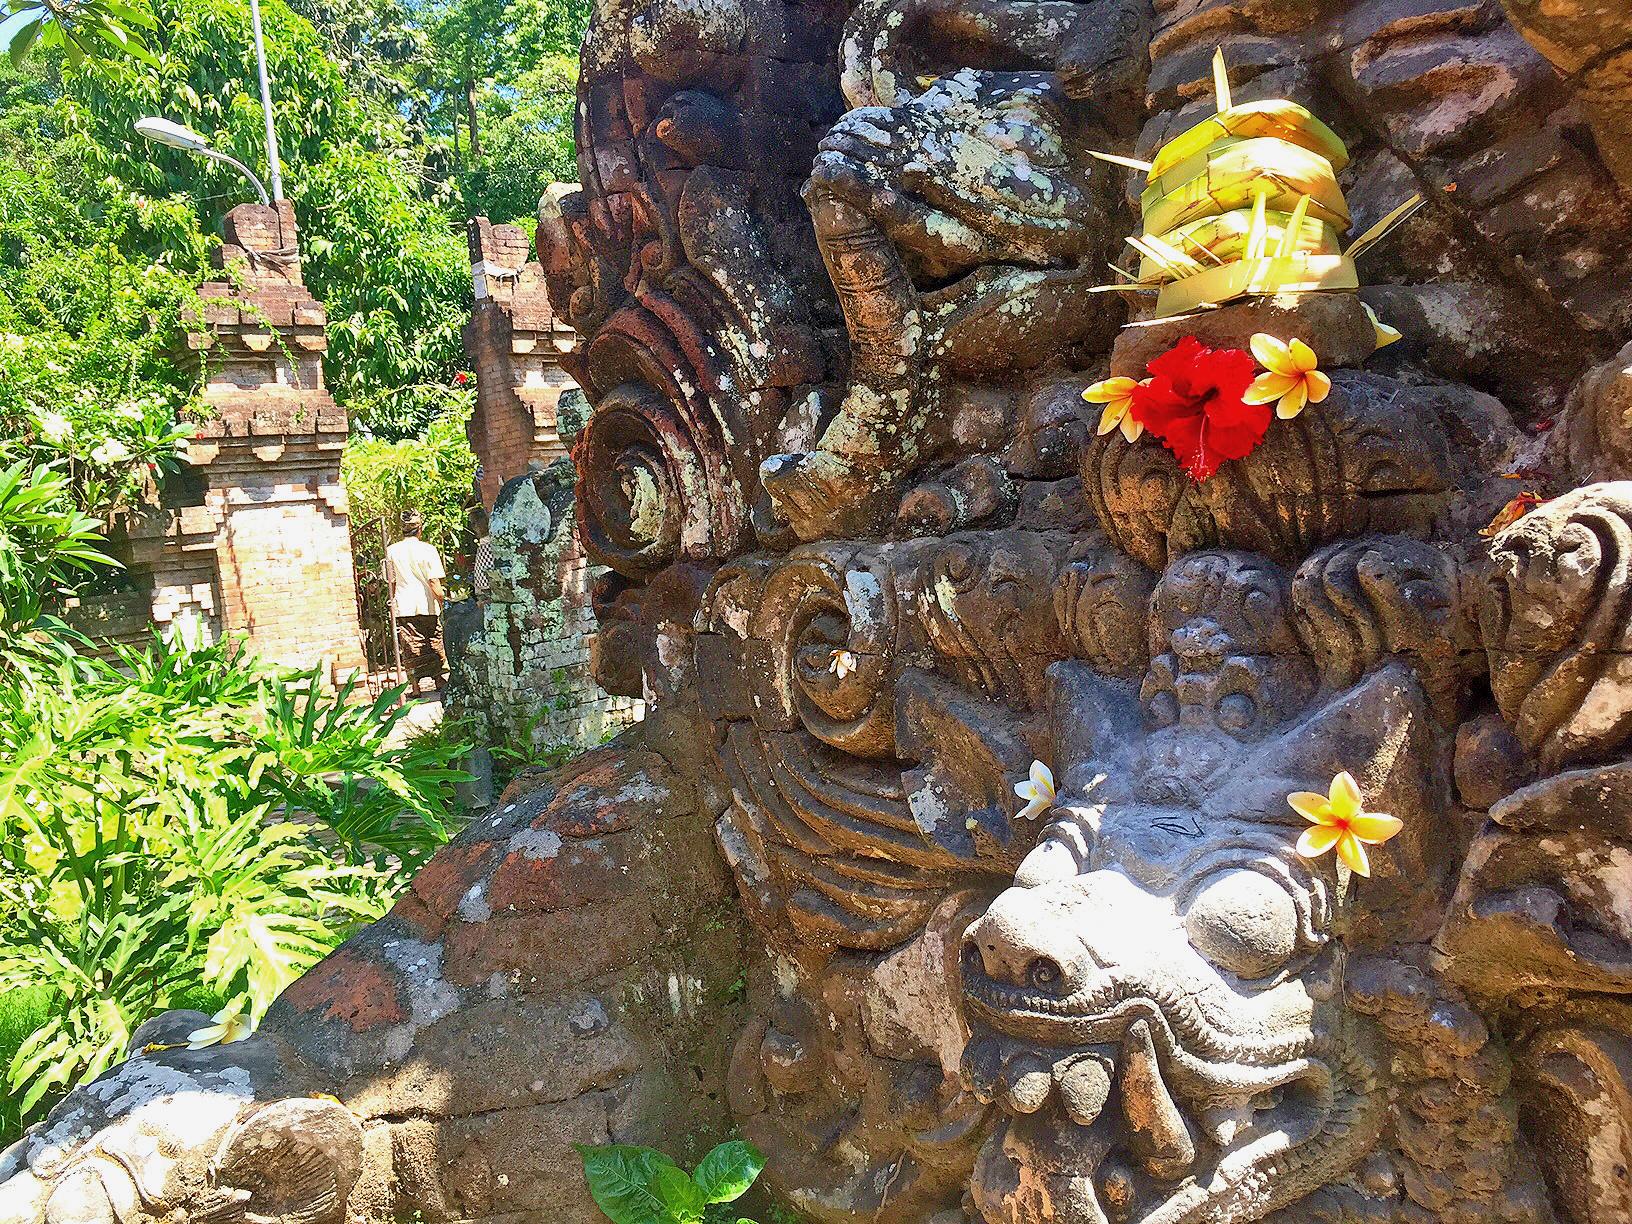 Offergaver i form av små kurver med blomster, krydder, røkelse mm legges på tempelet i hagen, i tillegg til andre steder.